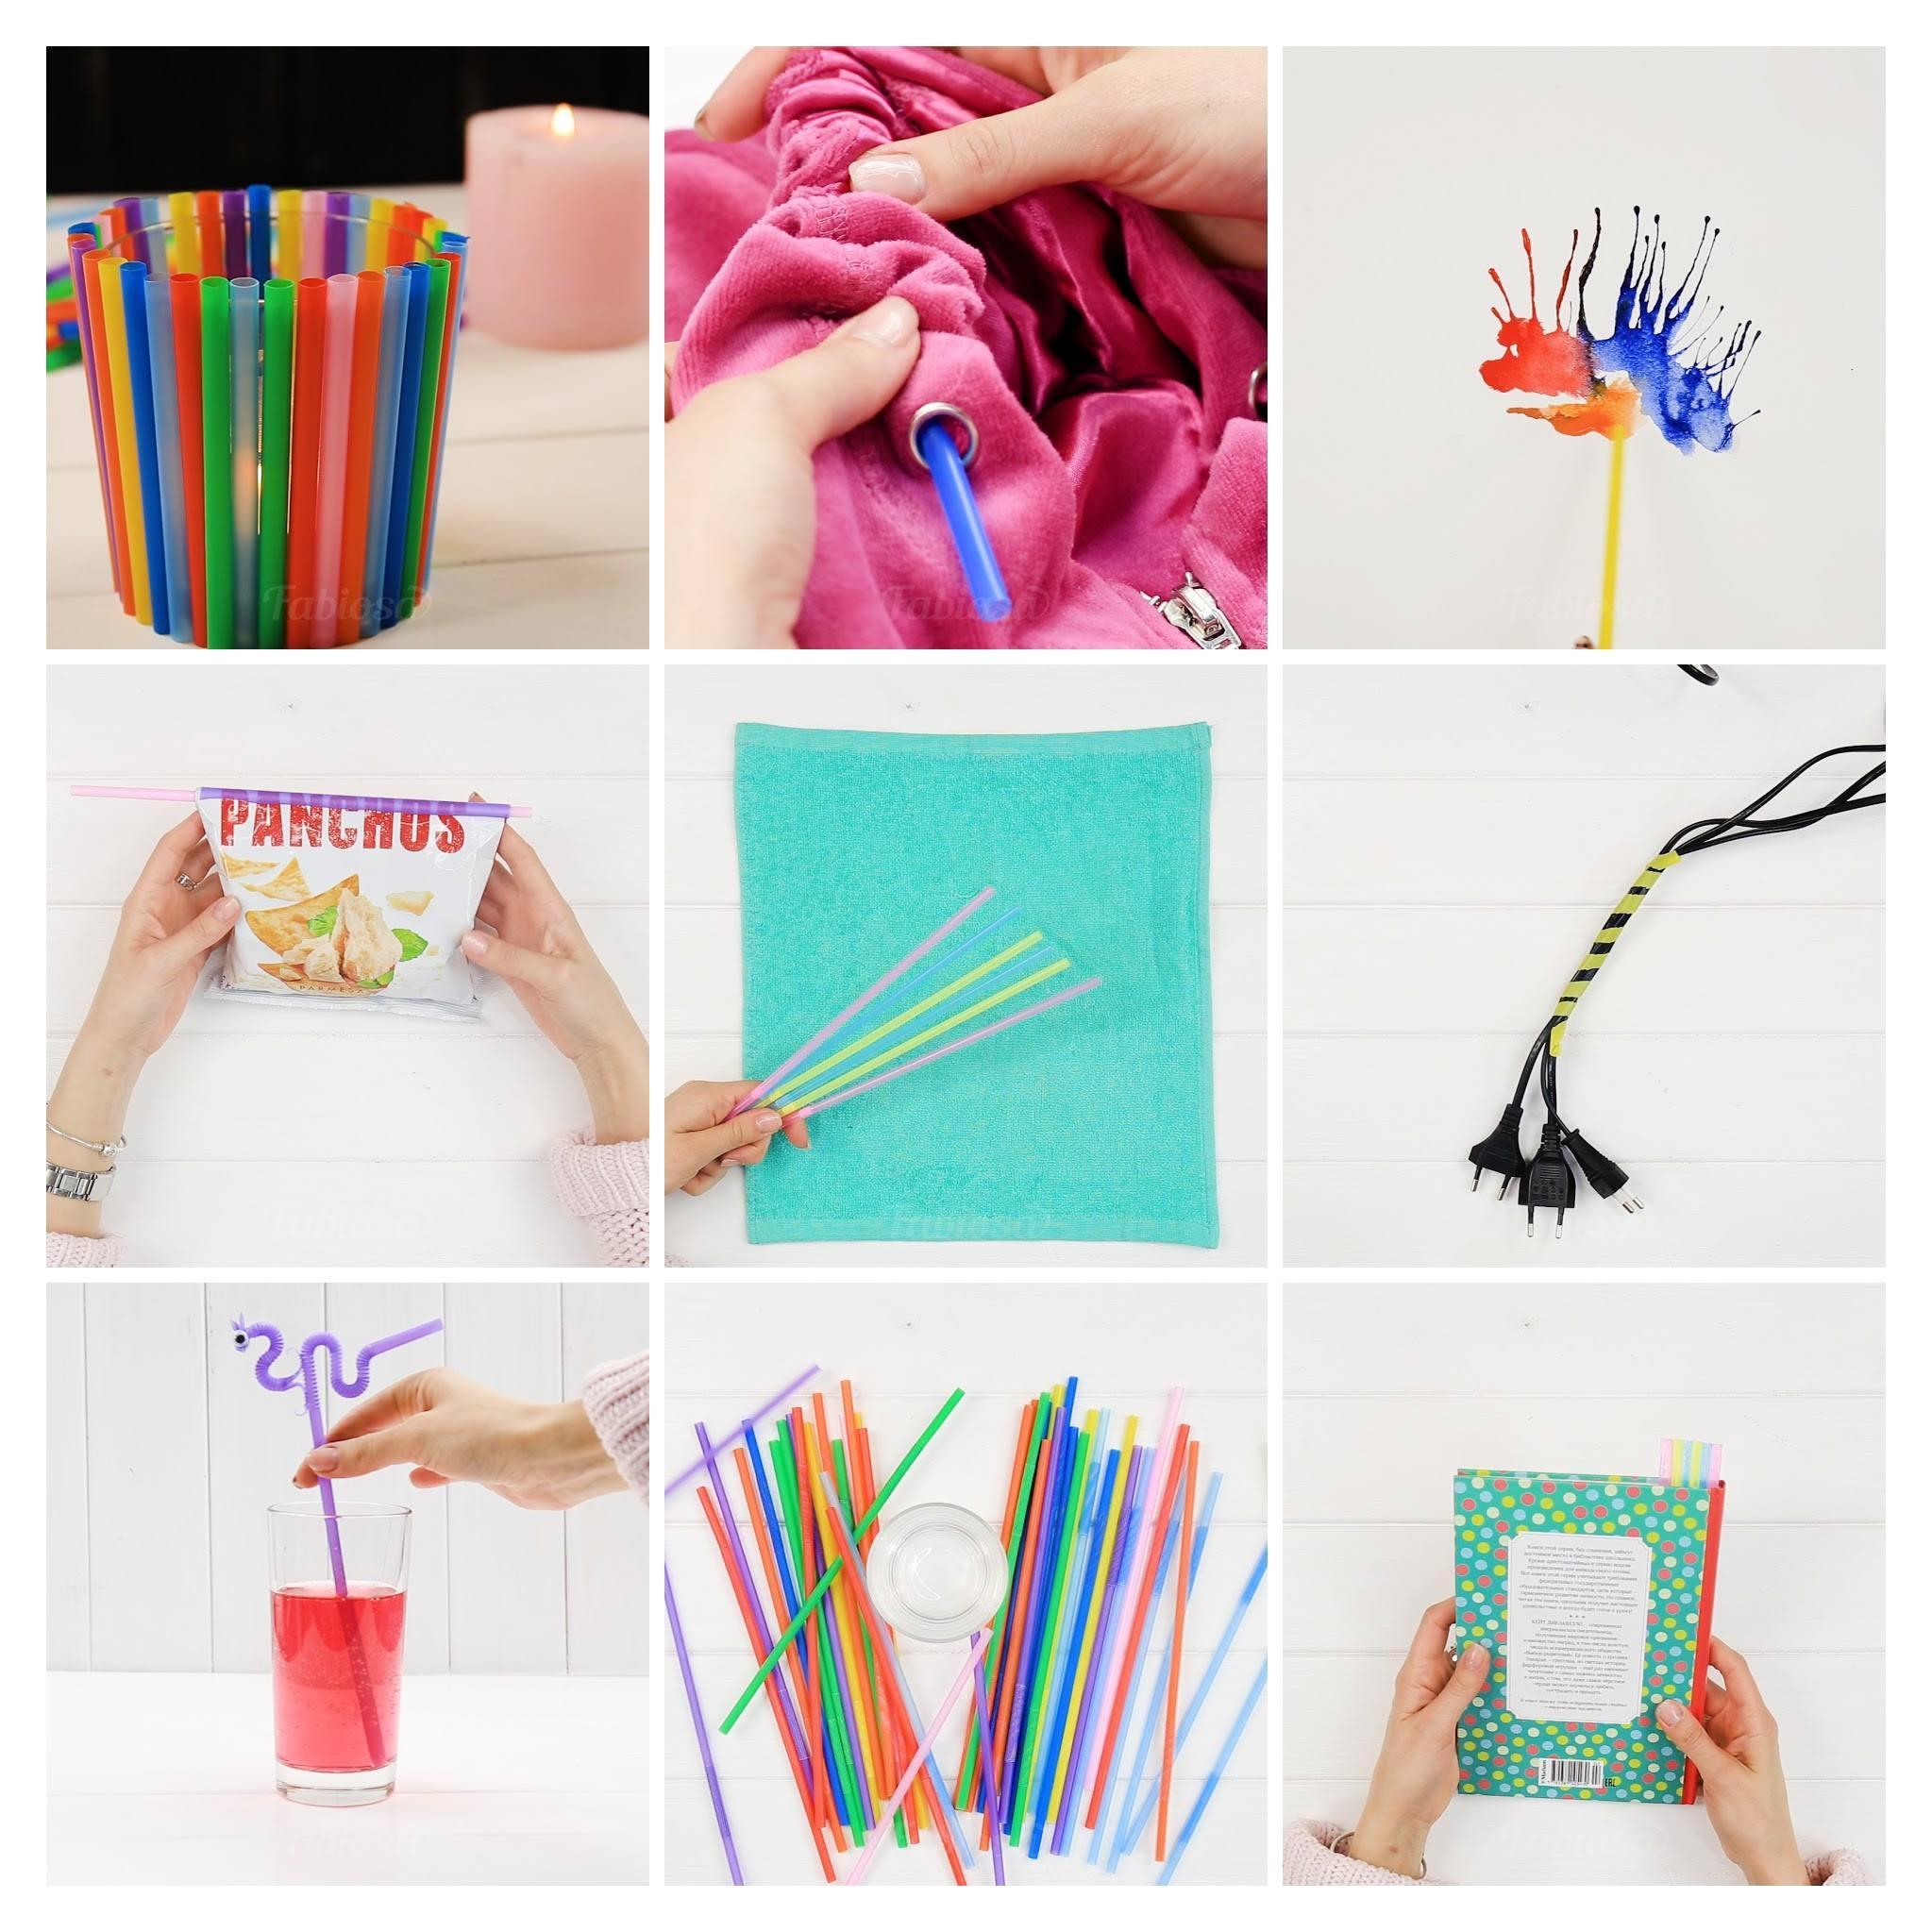 Artesanato Folclorico Do Sul ~ Ideias para fazer com canudos de plástico, dicas incríveis!